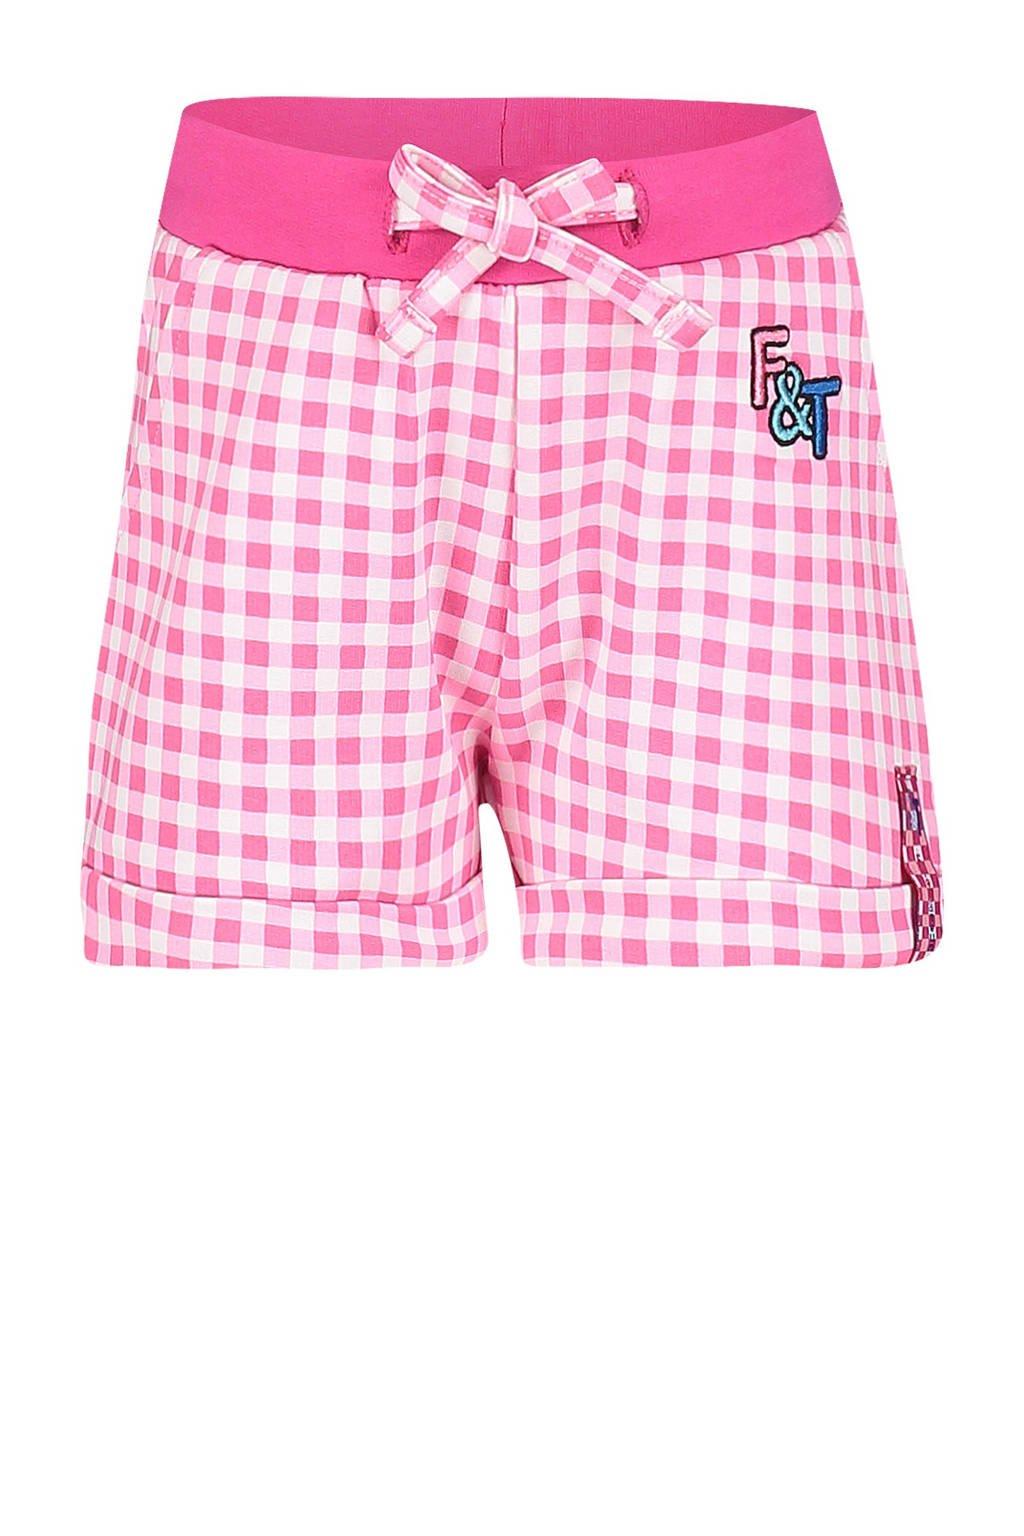 Fien & Teun geruite loose fit short Puk roze/wit, Roze/wit